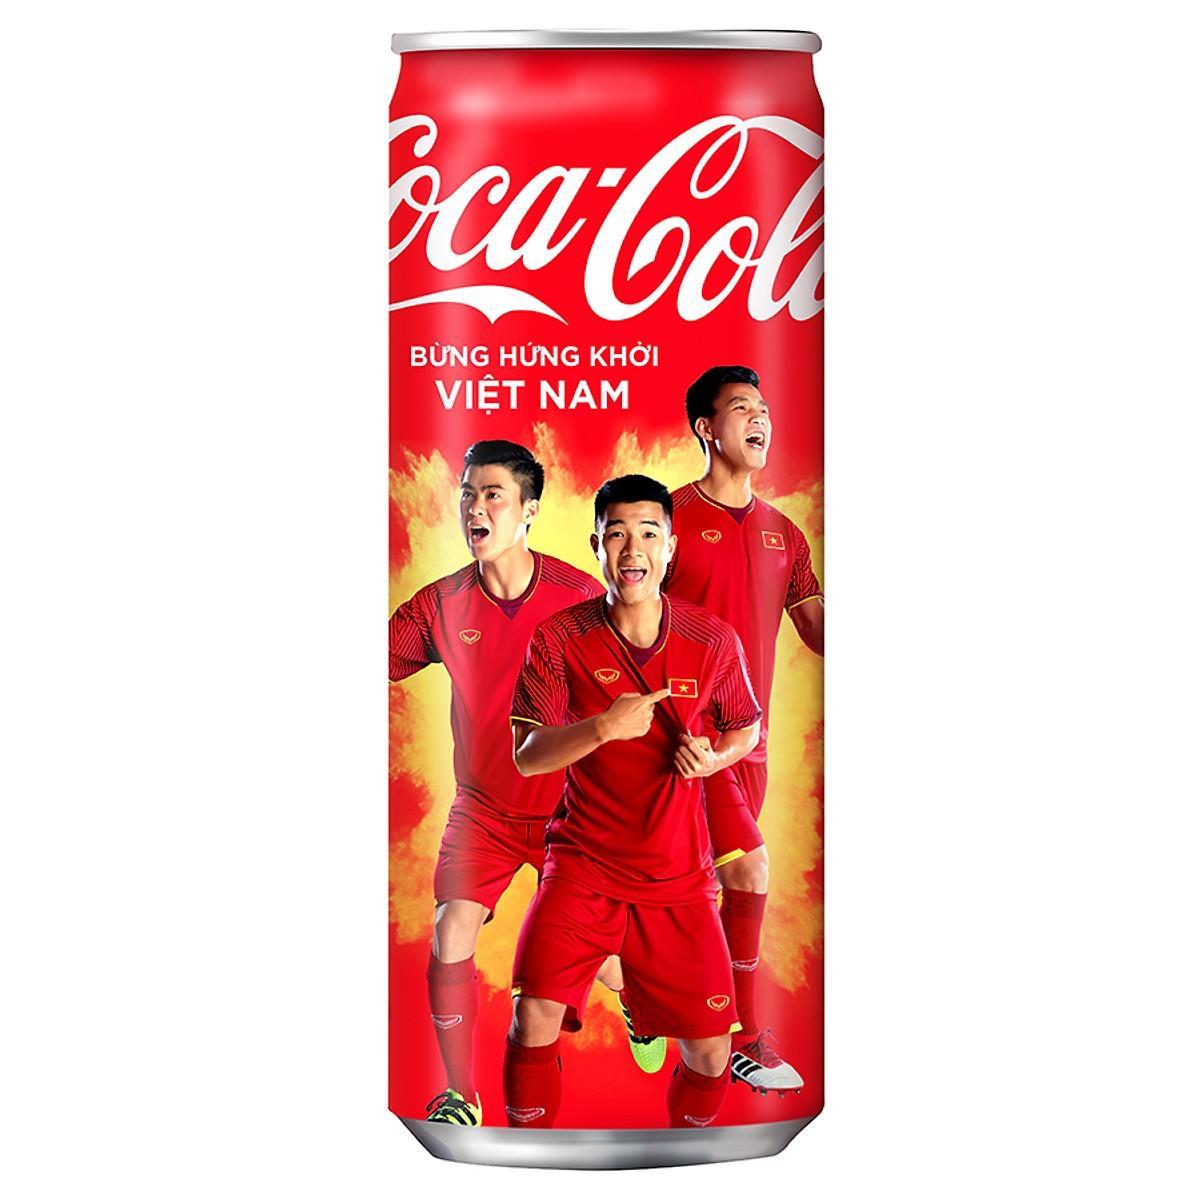 Trước thềm AFF Suzuki Cup, các cầu thủ vàng càng được tiếp thêm hứng khởi nhờ item siêu hot này! - Ảnh 6.